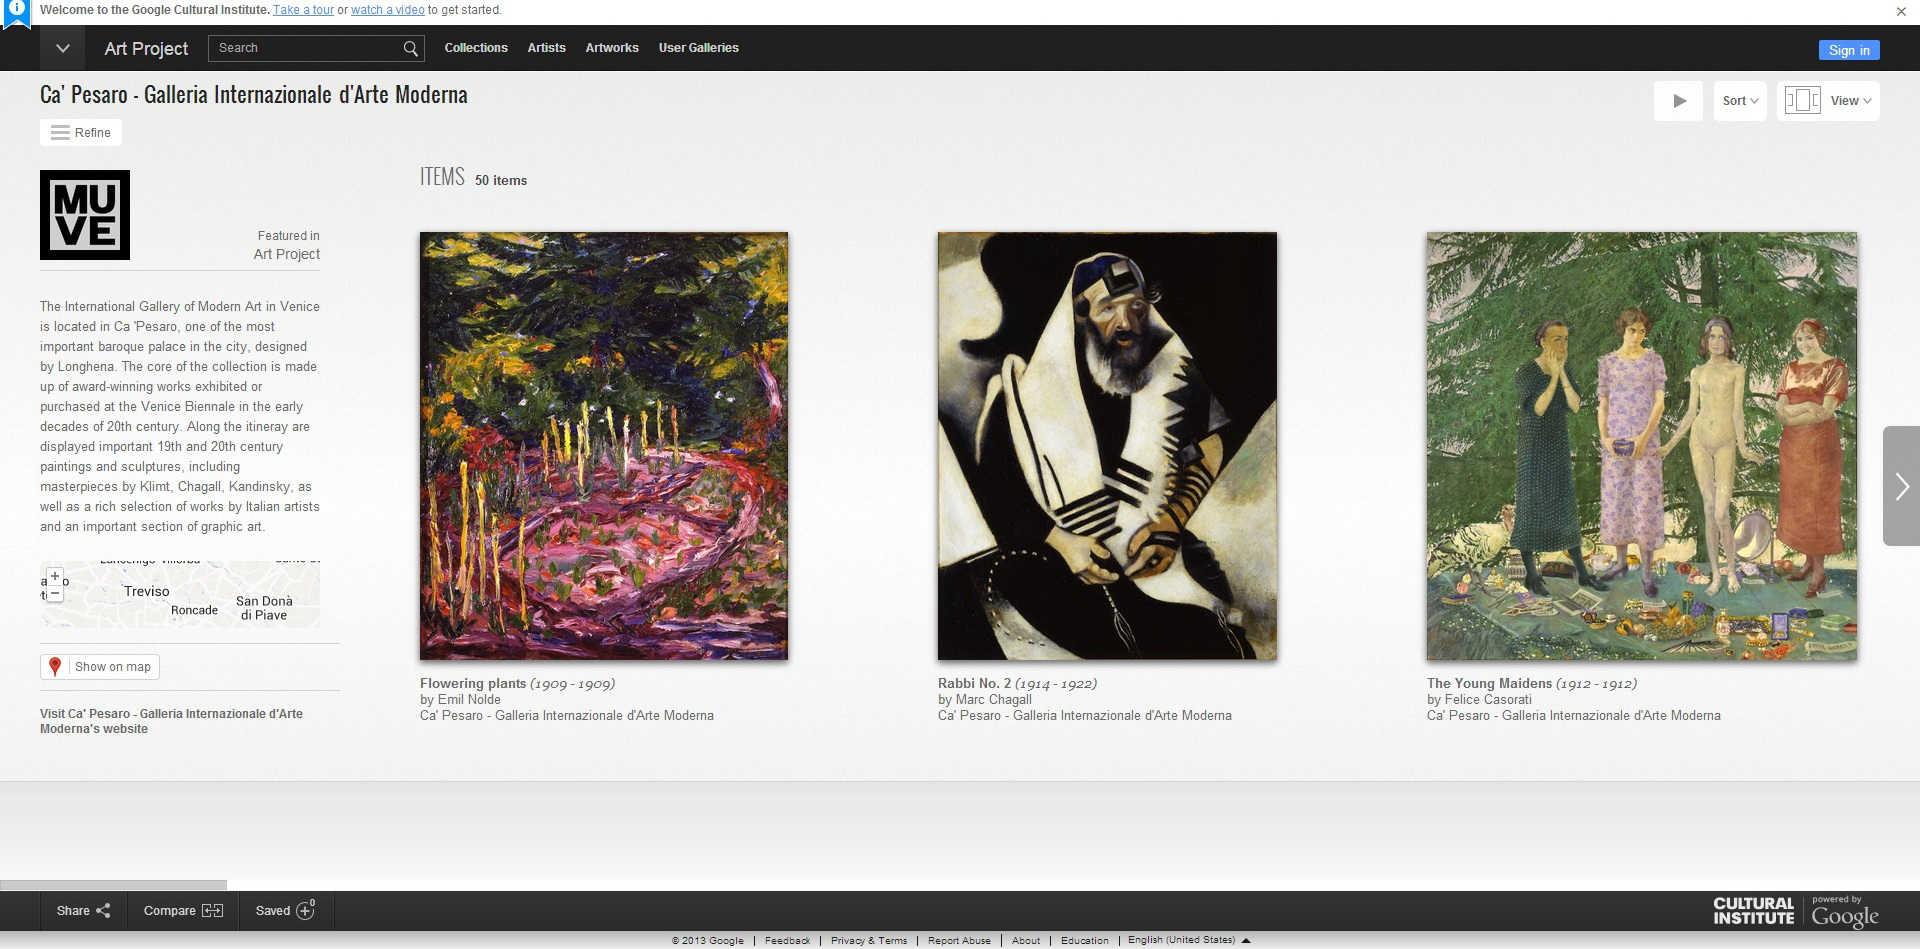 Google Art Project - Ca' Pesaro, Galleria Internazionale d'Arte Moderna di Venezia